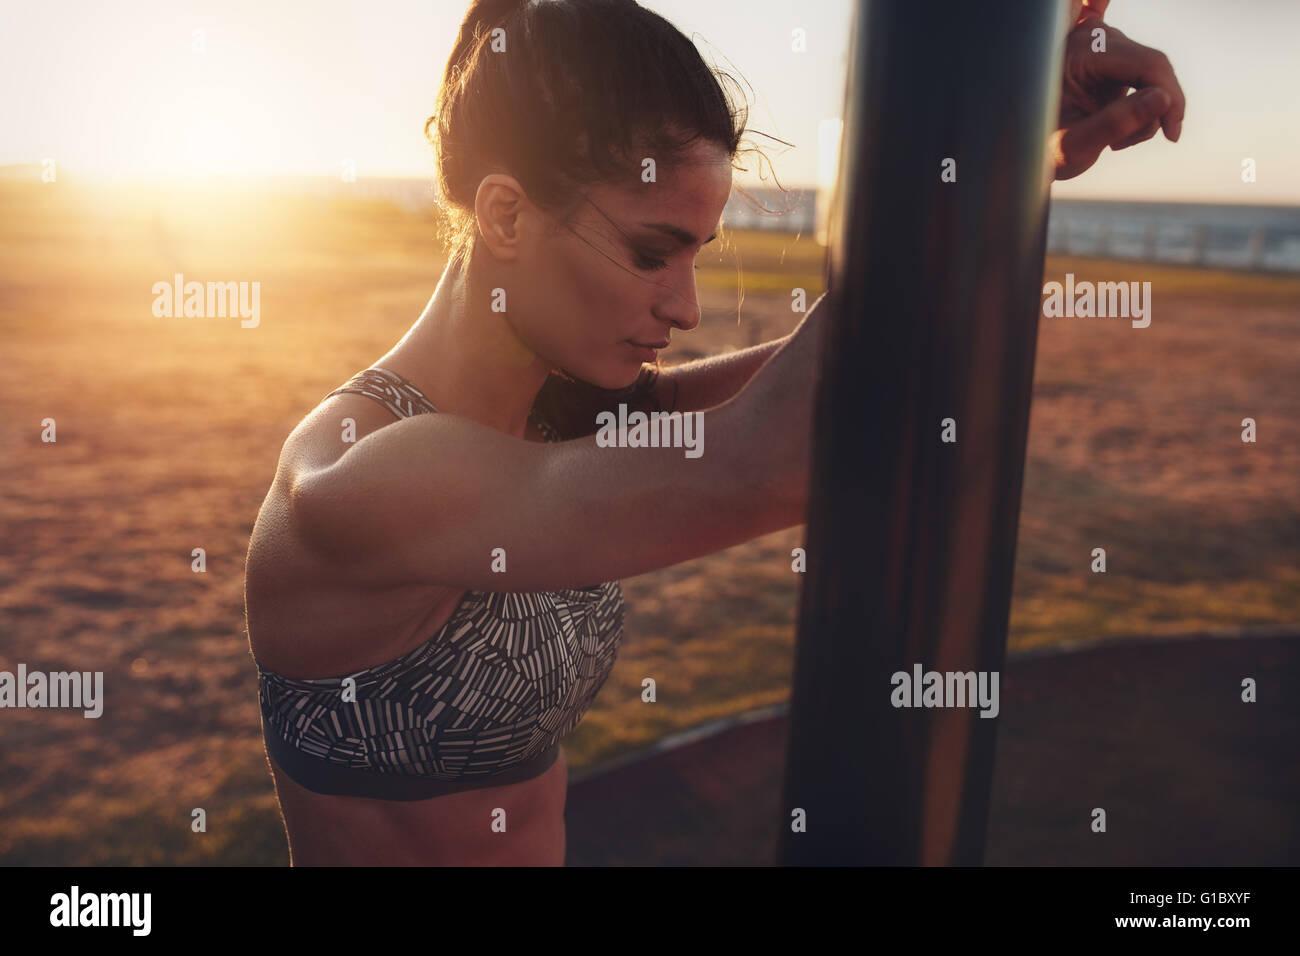 Primer plano de monte joven de pie en la playa al anochecer. Sportswoman inclinado a equipos para hacer ejercicio Imagen De Stock